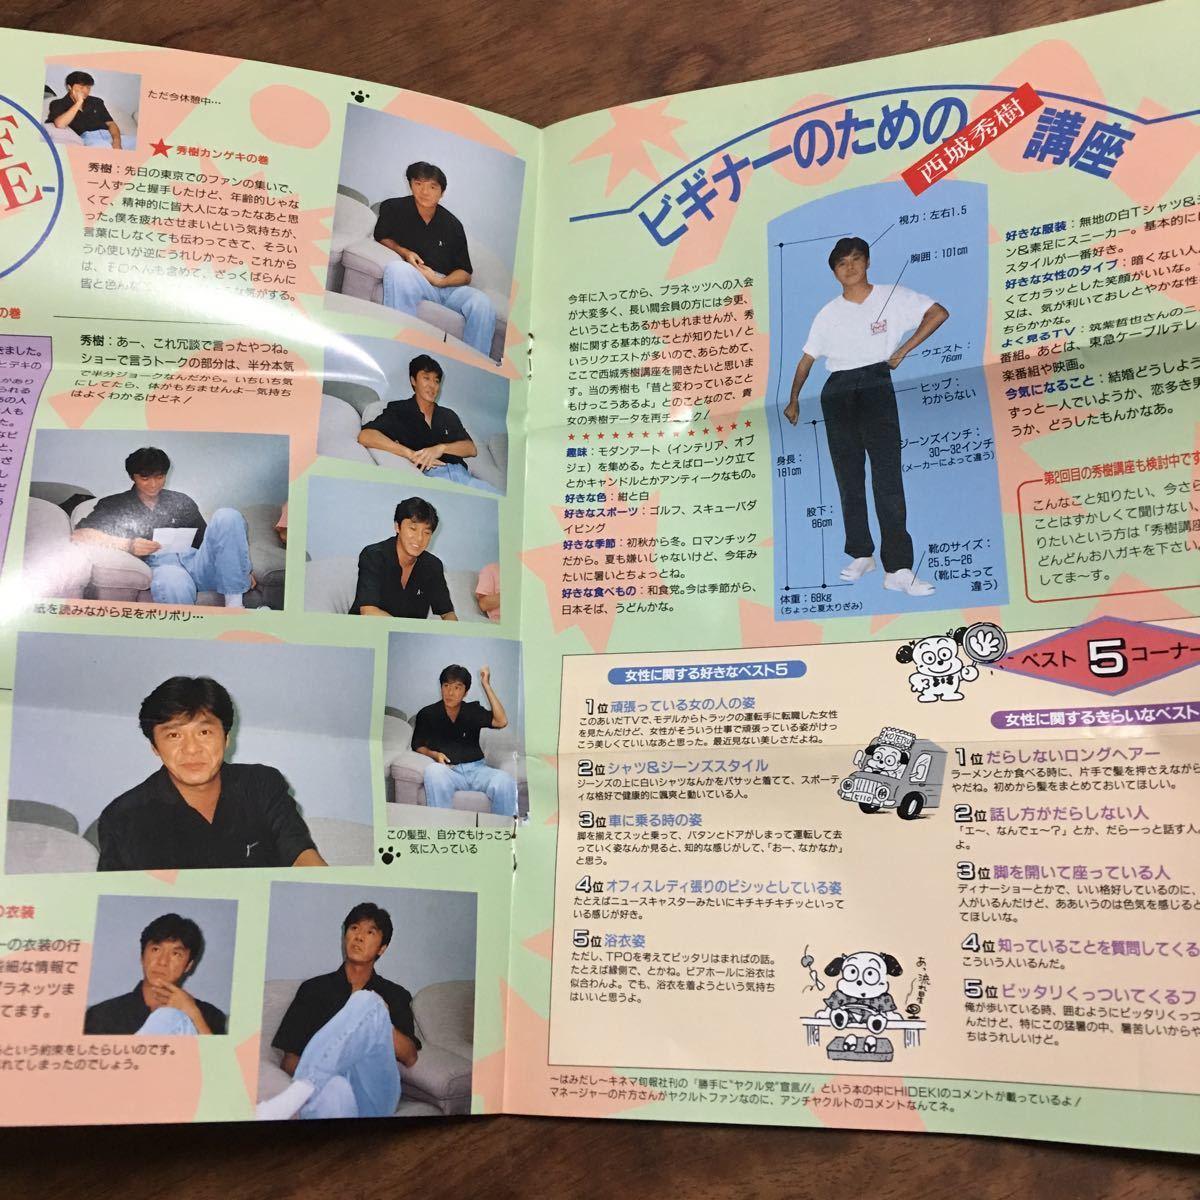 西城秀樹 ファンクラブ会報誌 DUET 1994 vol 37_画像4